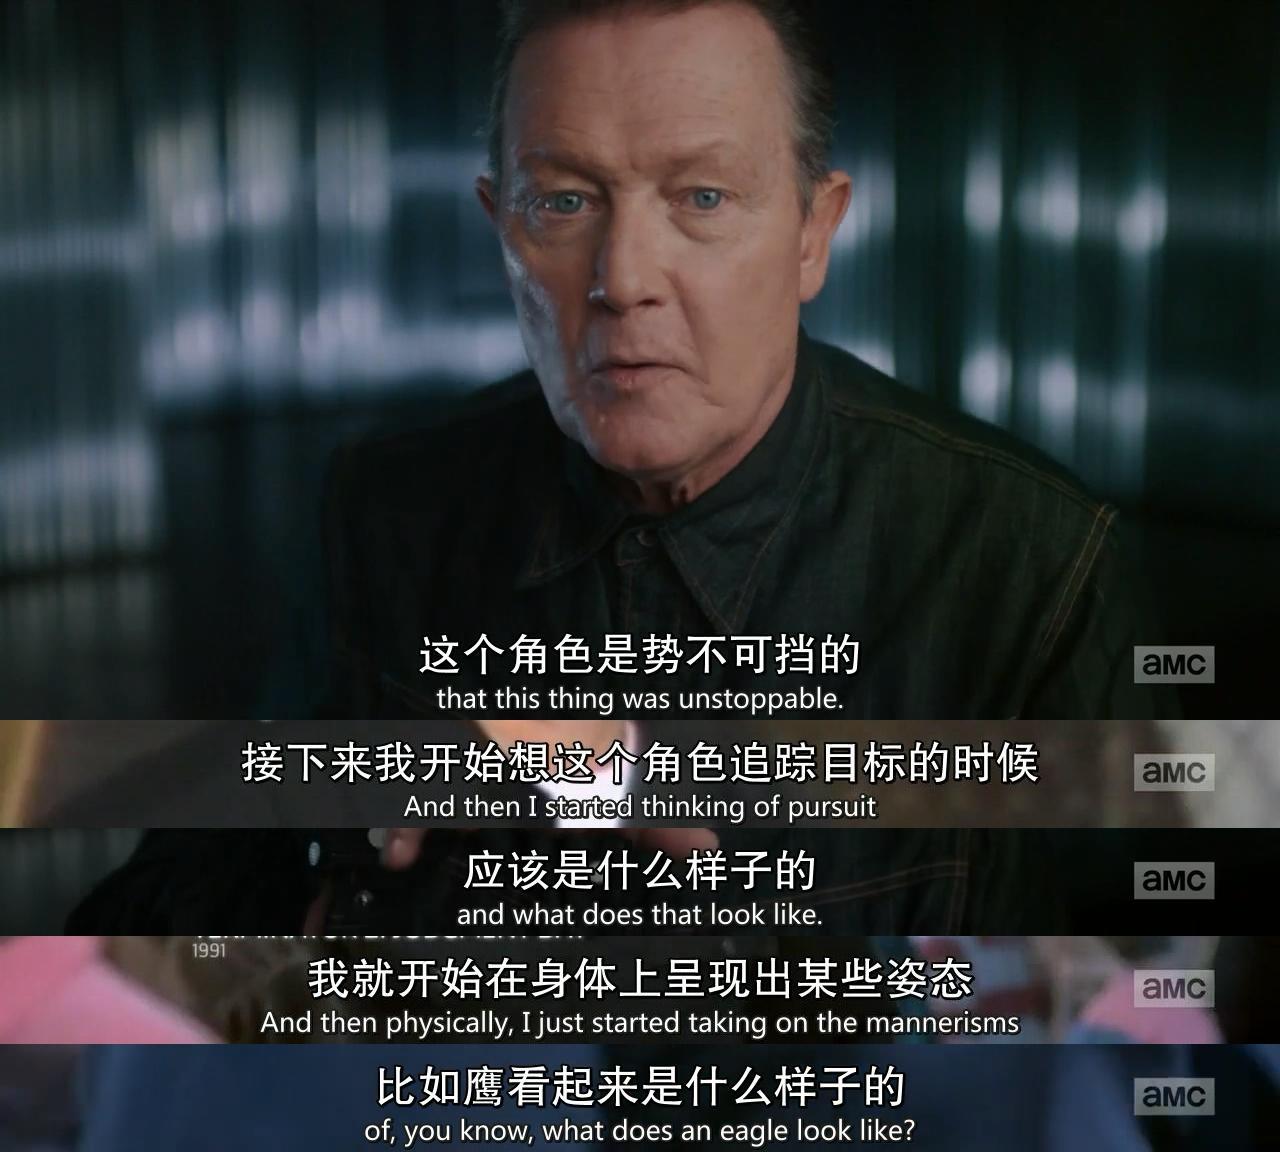 《终结者》电影系列下载 电影影评 第10张